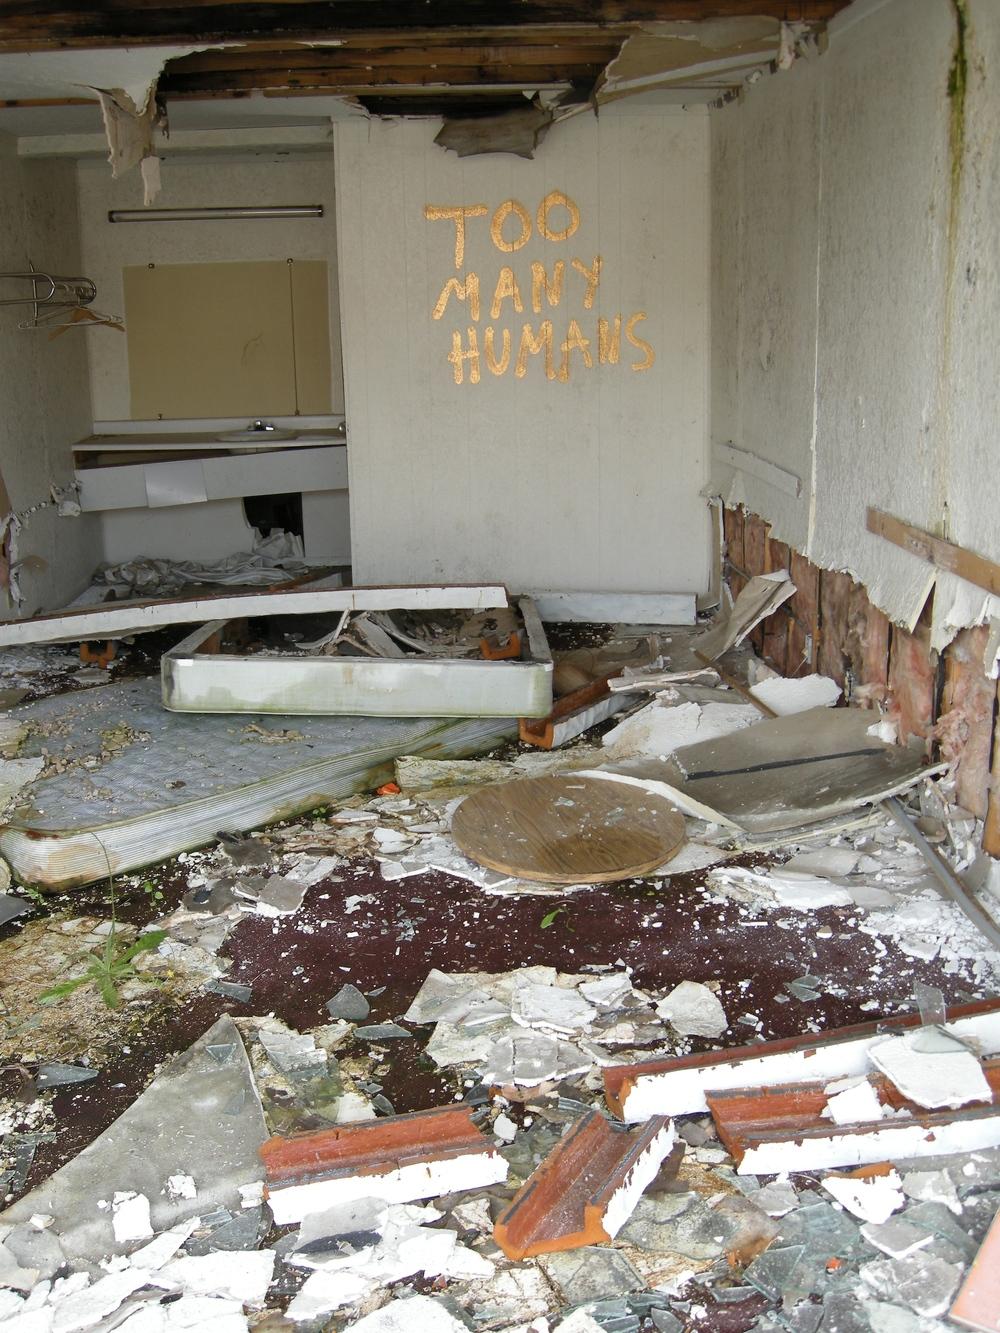 Deserted_Hotel_2.jpg